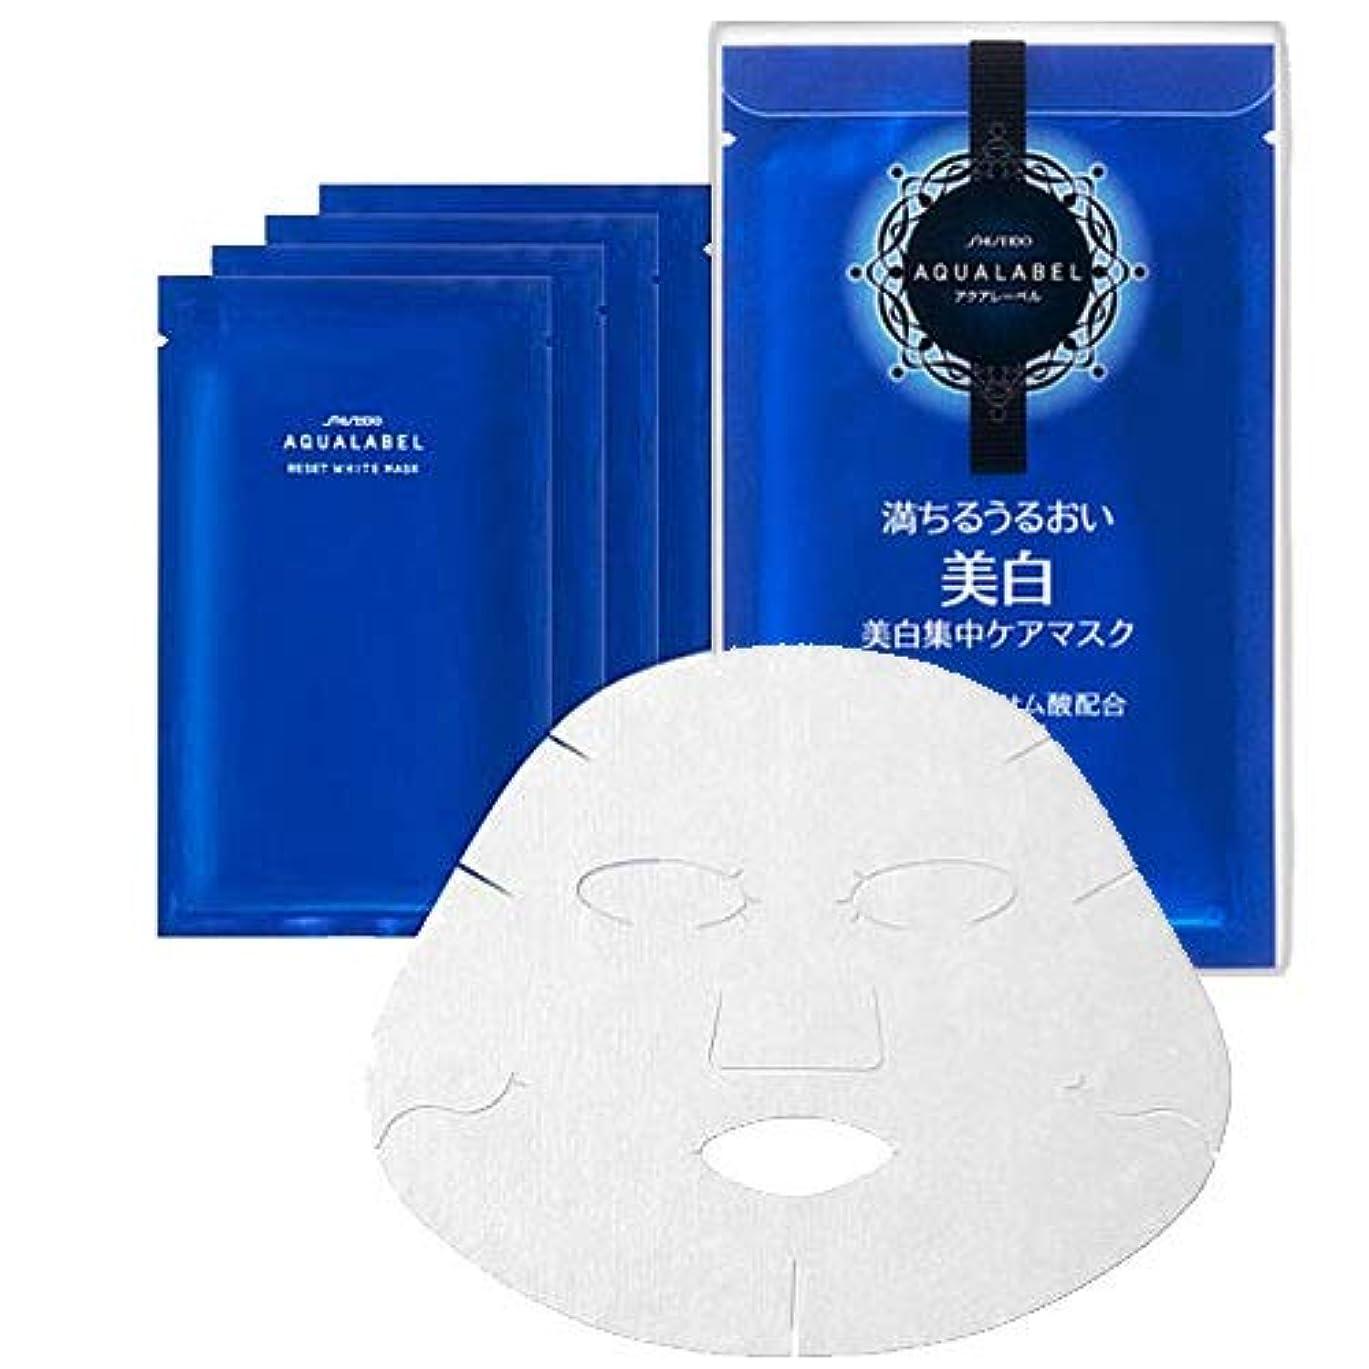 レンダー慈悲深いつば資生堂 SHISEIDO アクアレーベル リセットホワイトマスク(4枚入り) 4枚x18ml [並行輸入品]